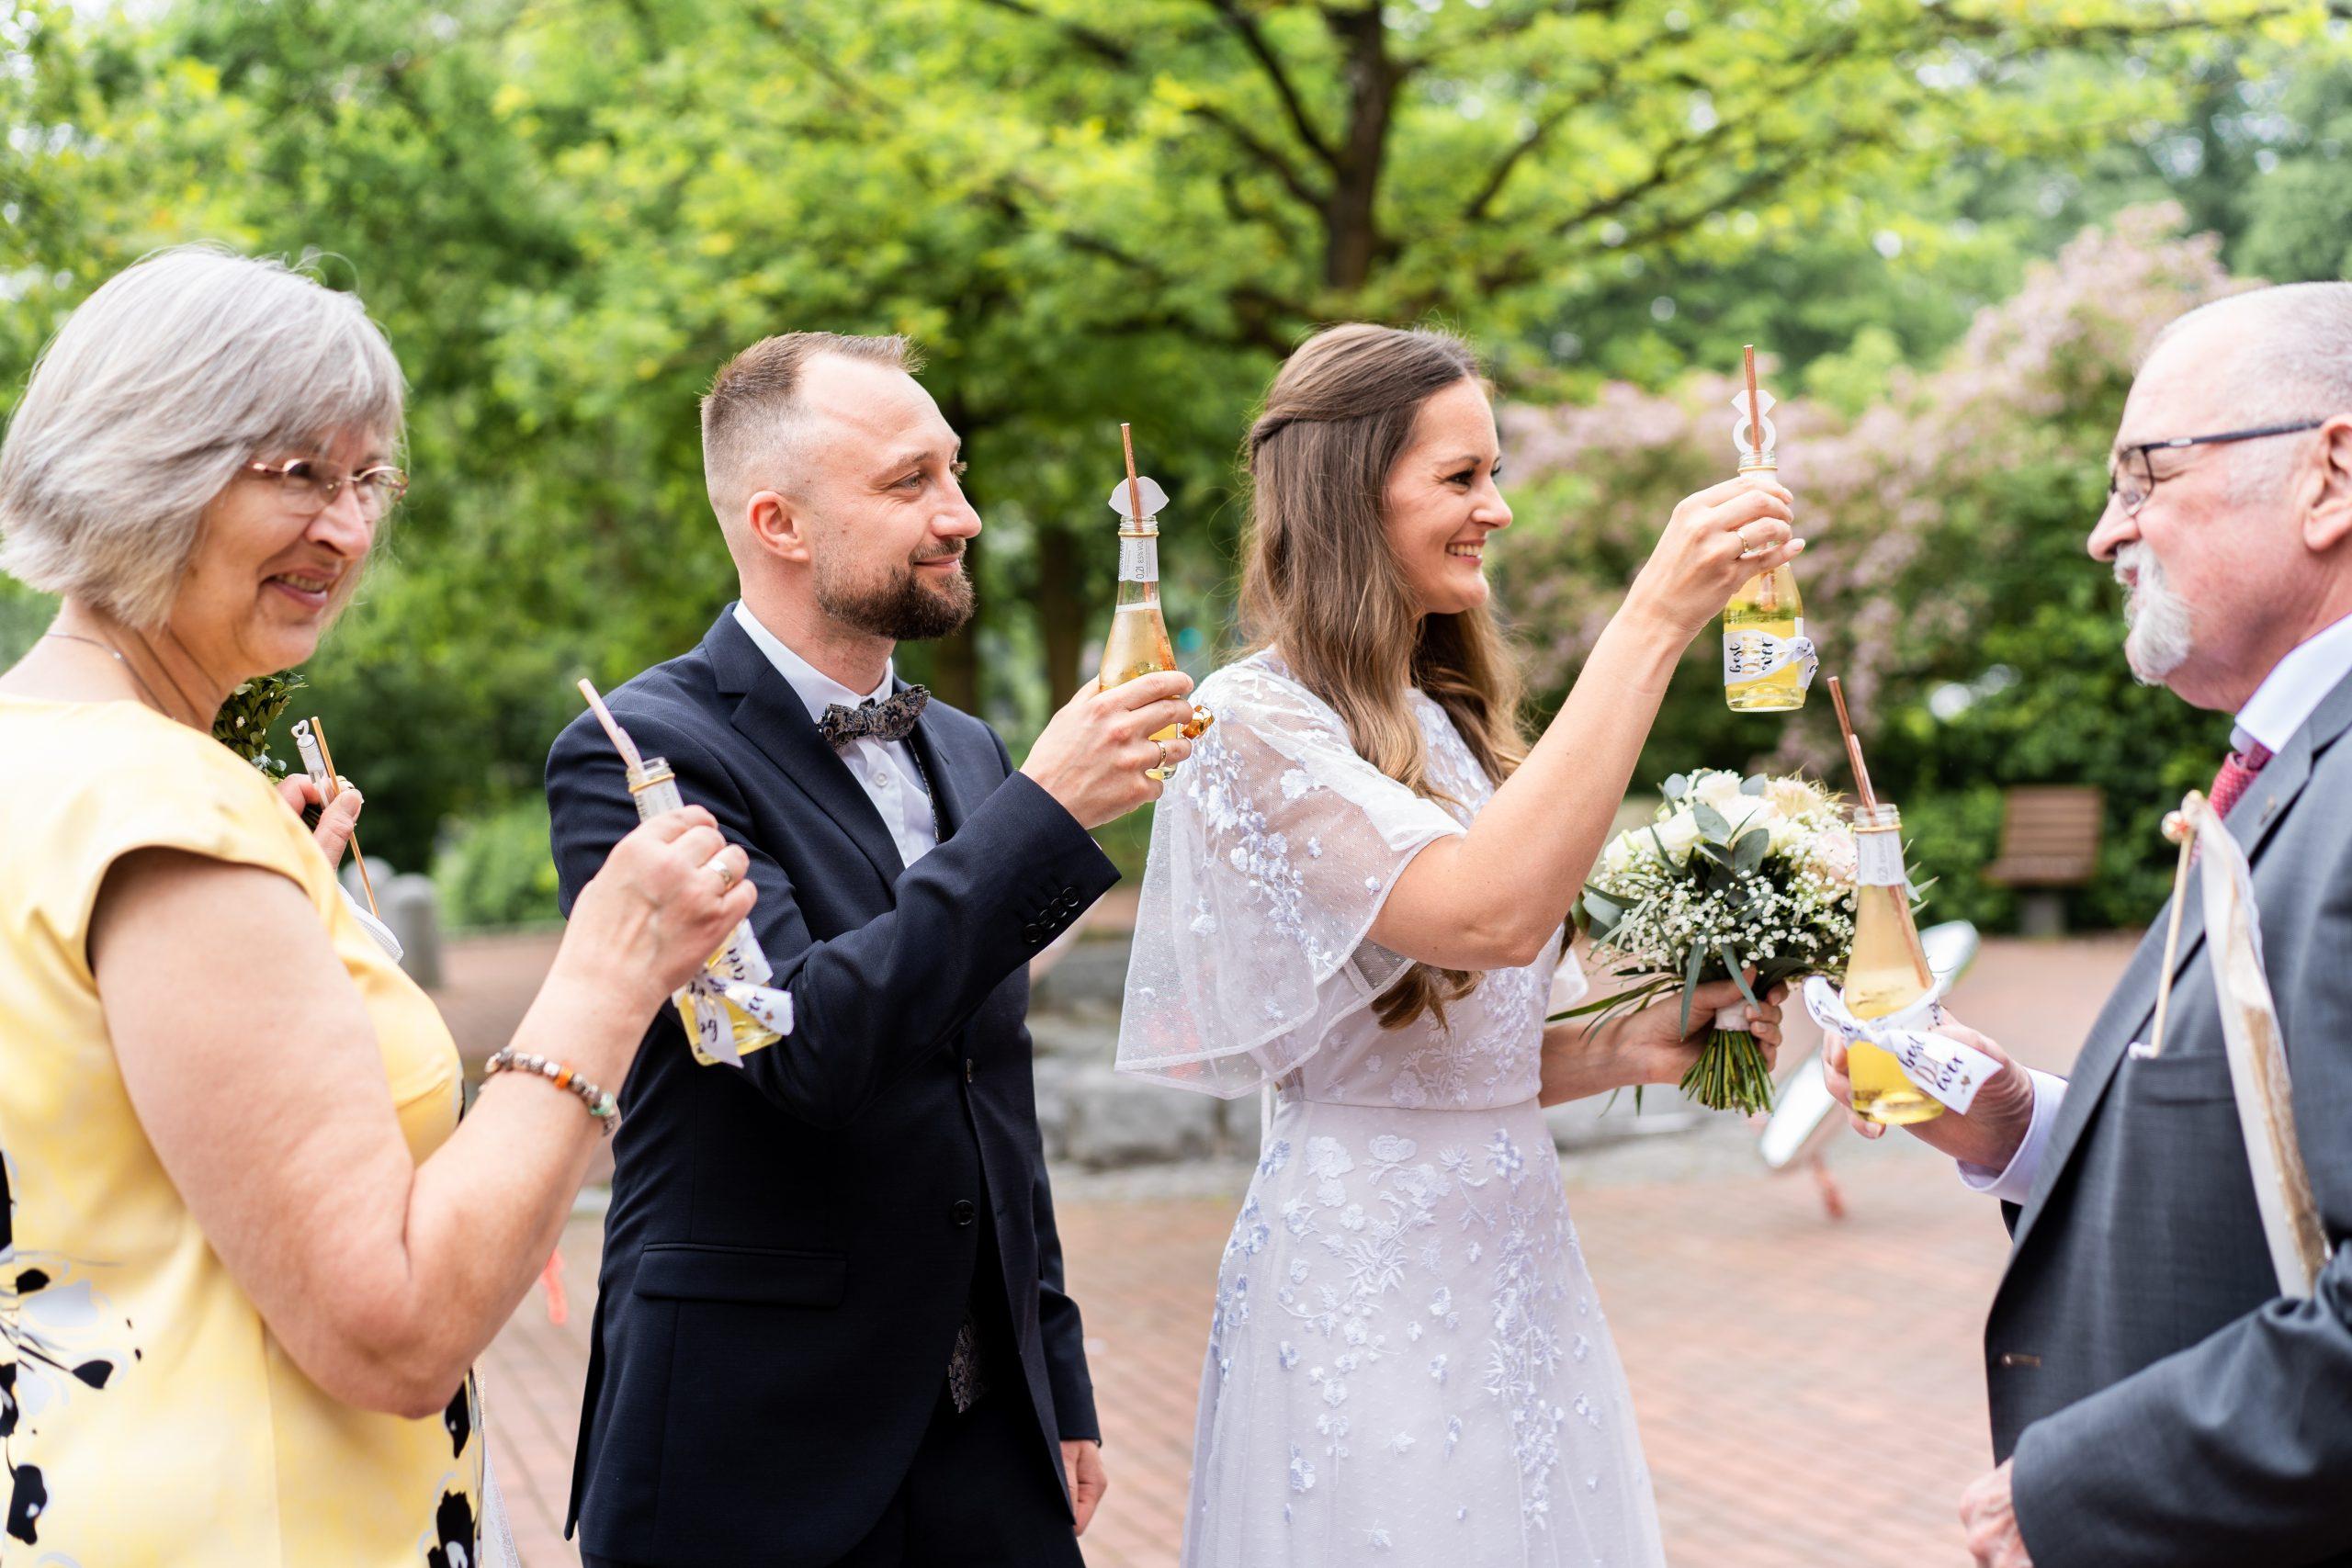 Hochzeitsfeier Brautpaar Hochzeitsfotografin Anlass Hochzeitsgäste